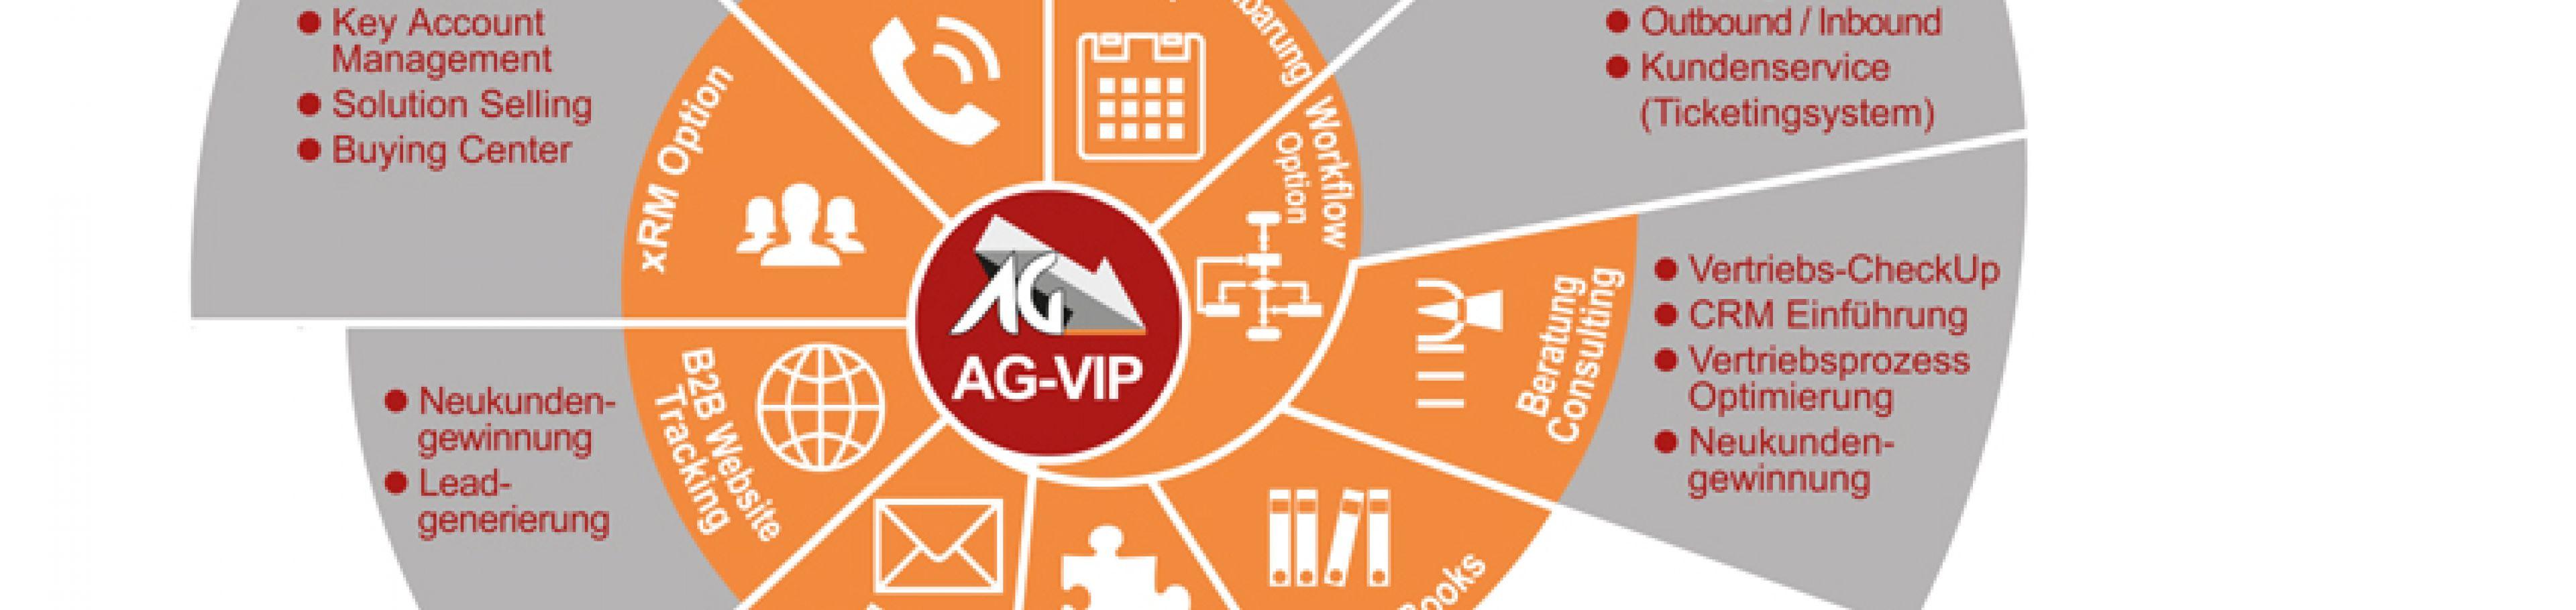 Wichtige Funktionen und Einsatzgebiete der CRM Software AG-VIP